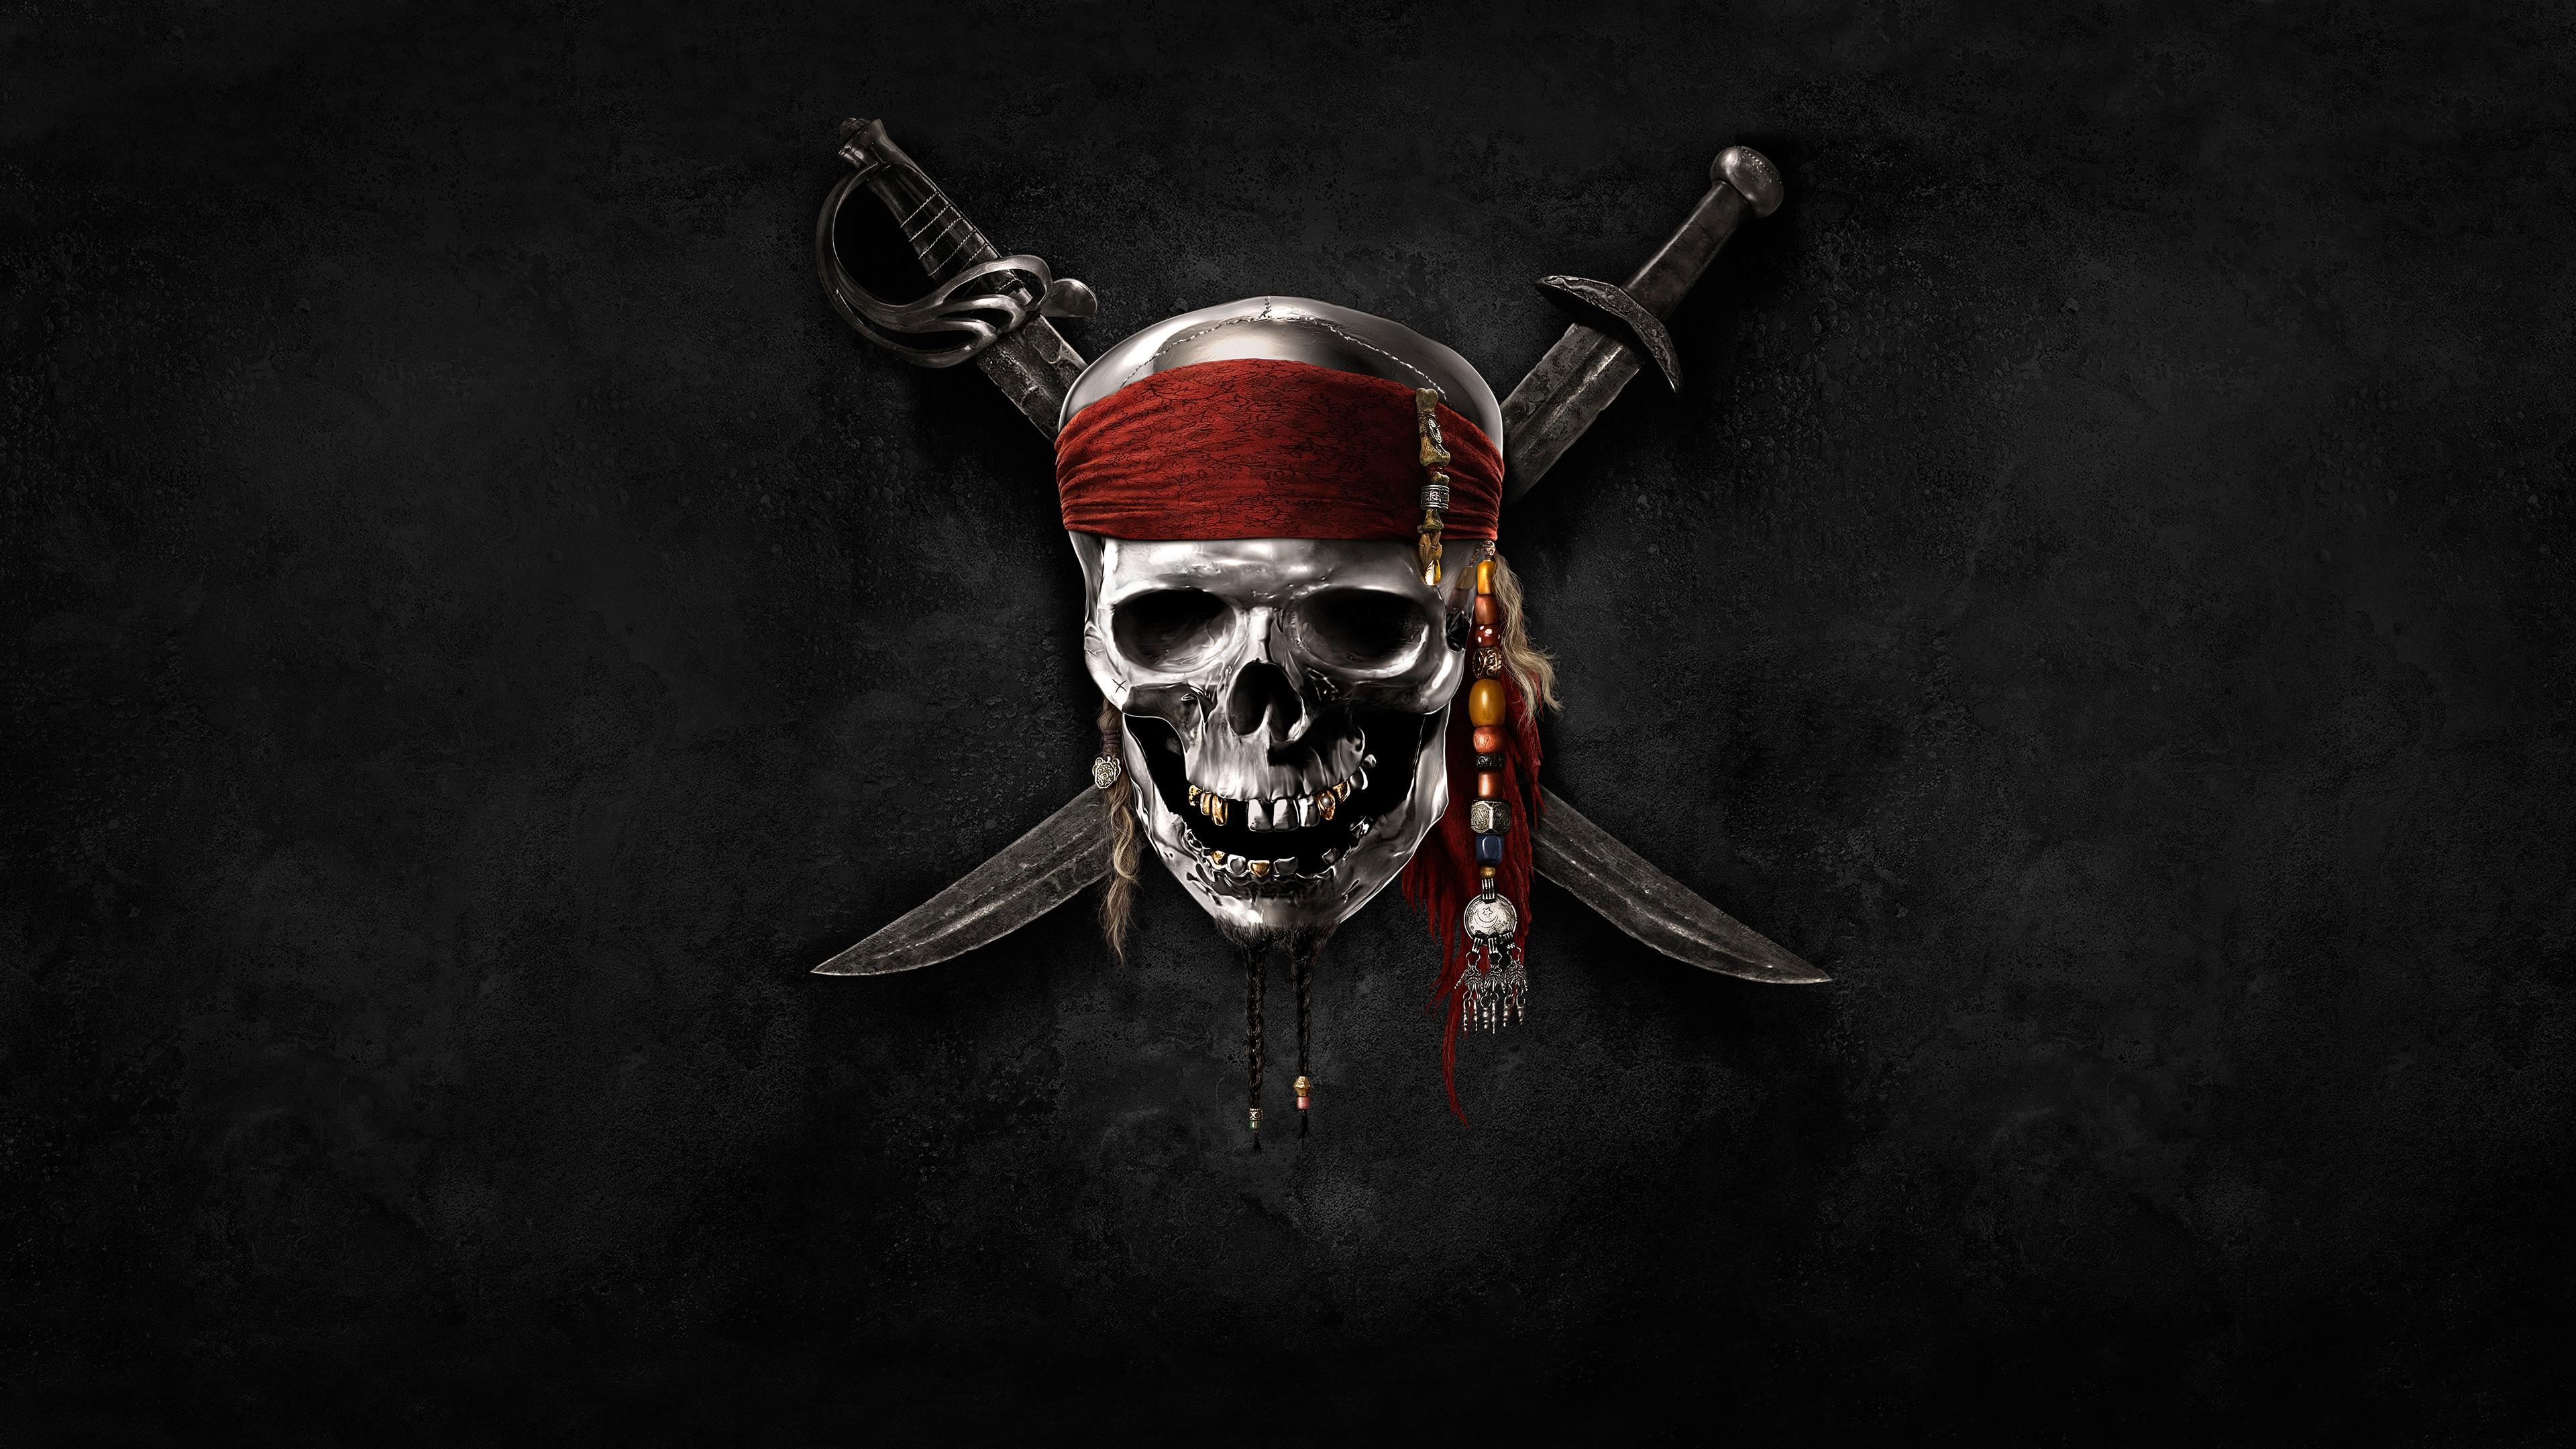 Pirate47982686 - Pirate - Vita, Pirate